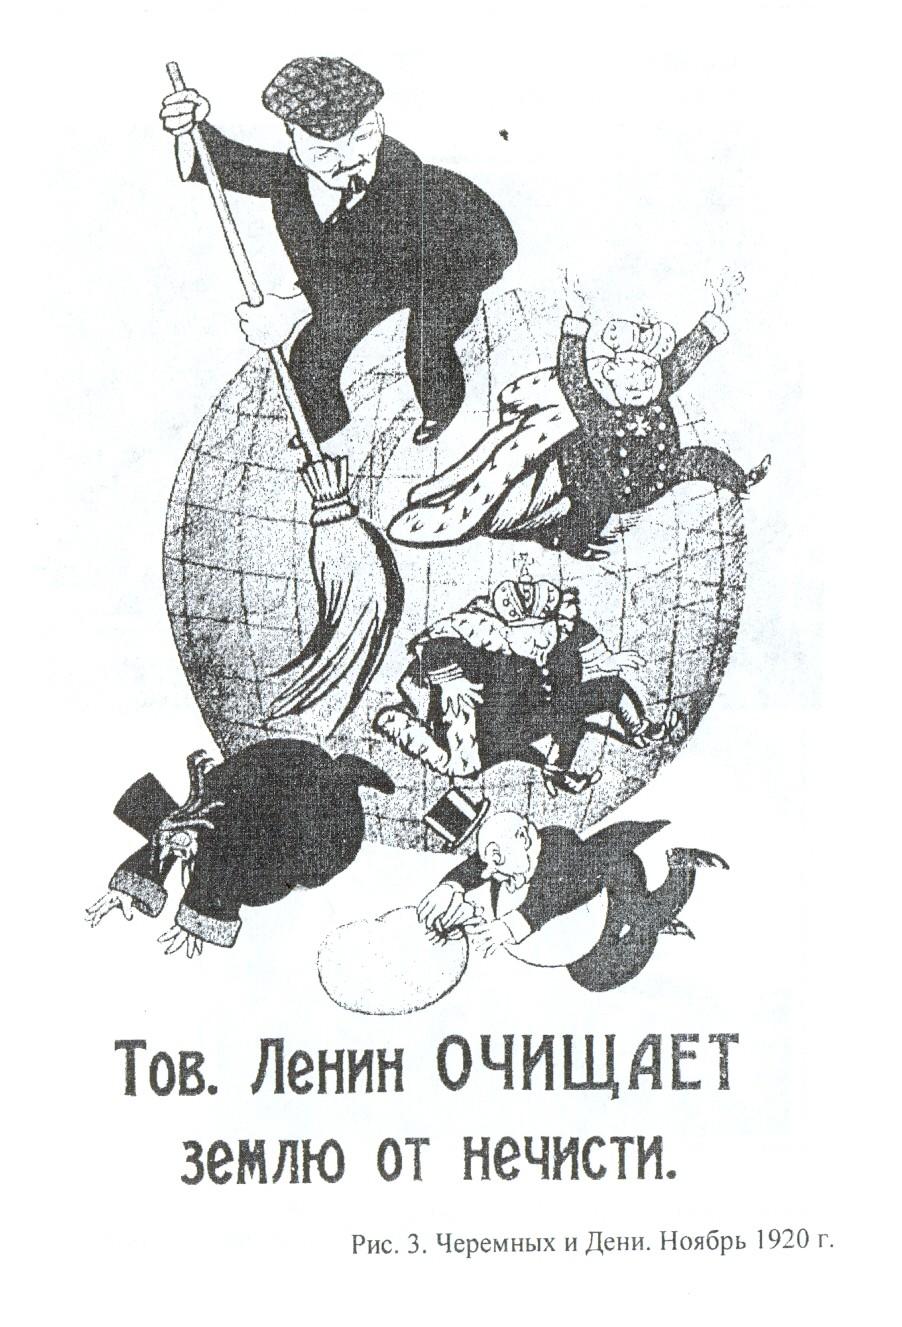 http://s1.uploads.ru/i/QutU4.jpg